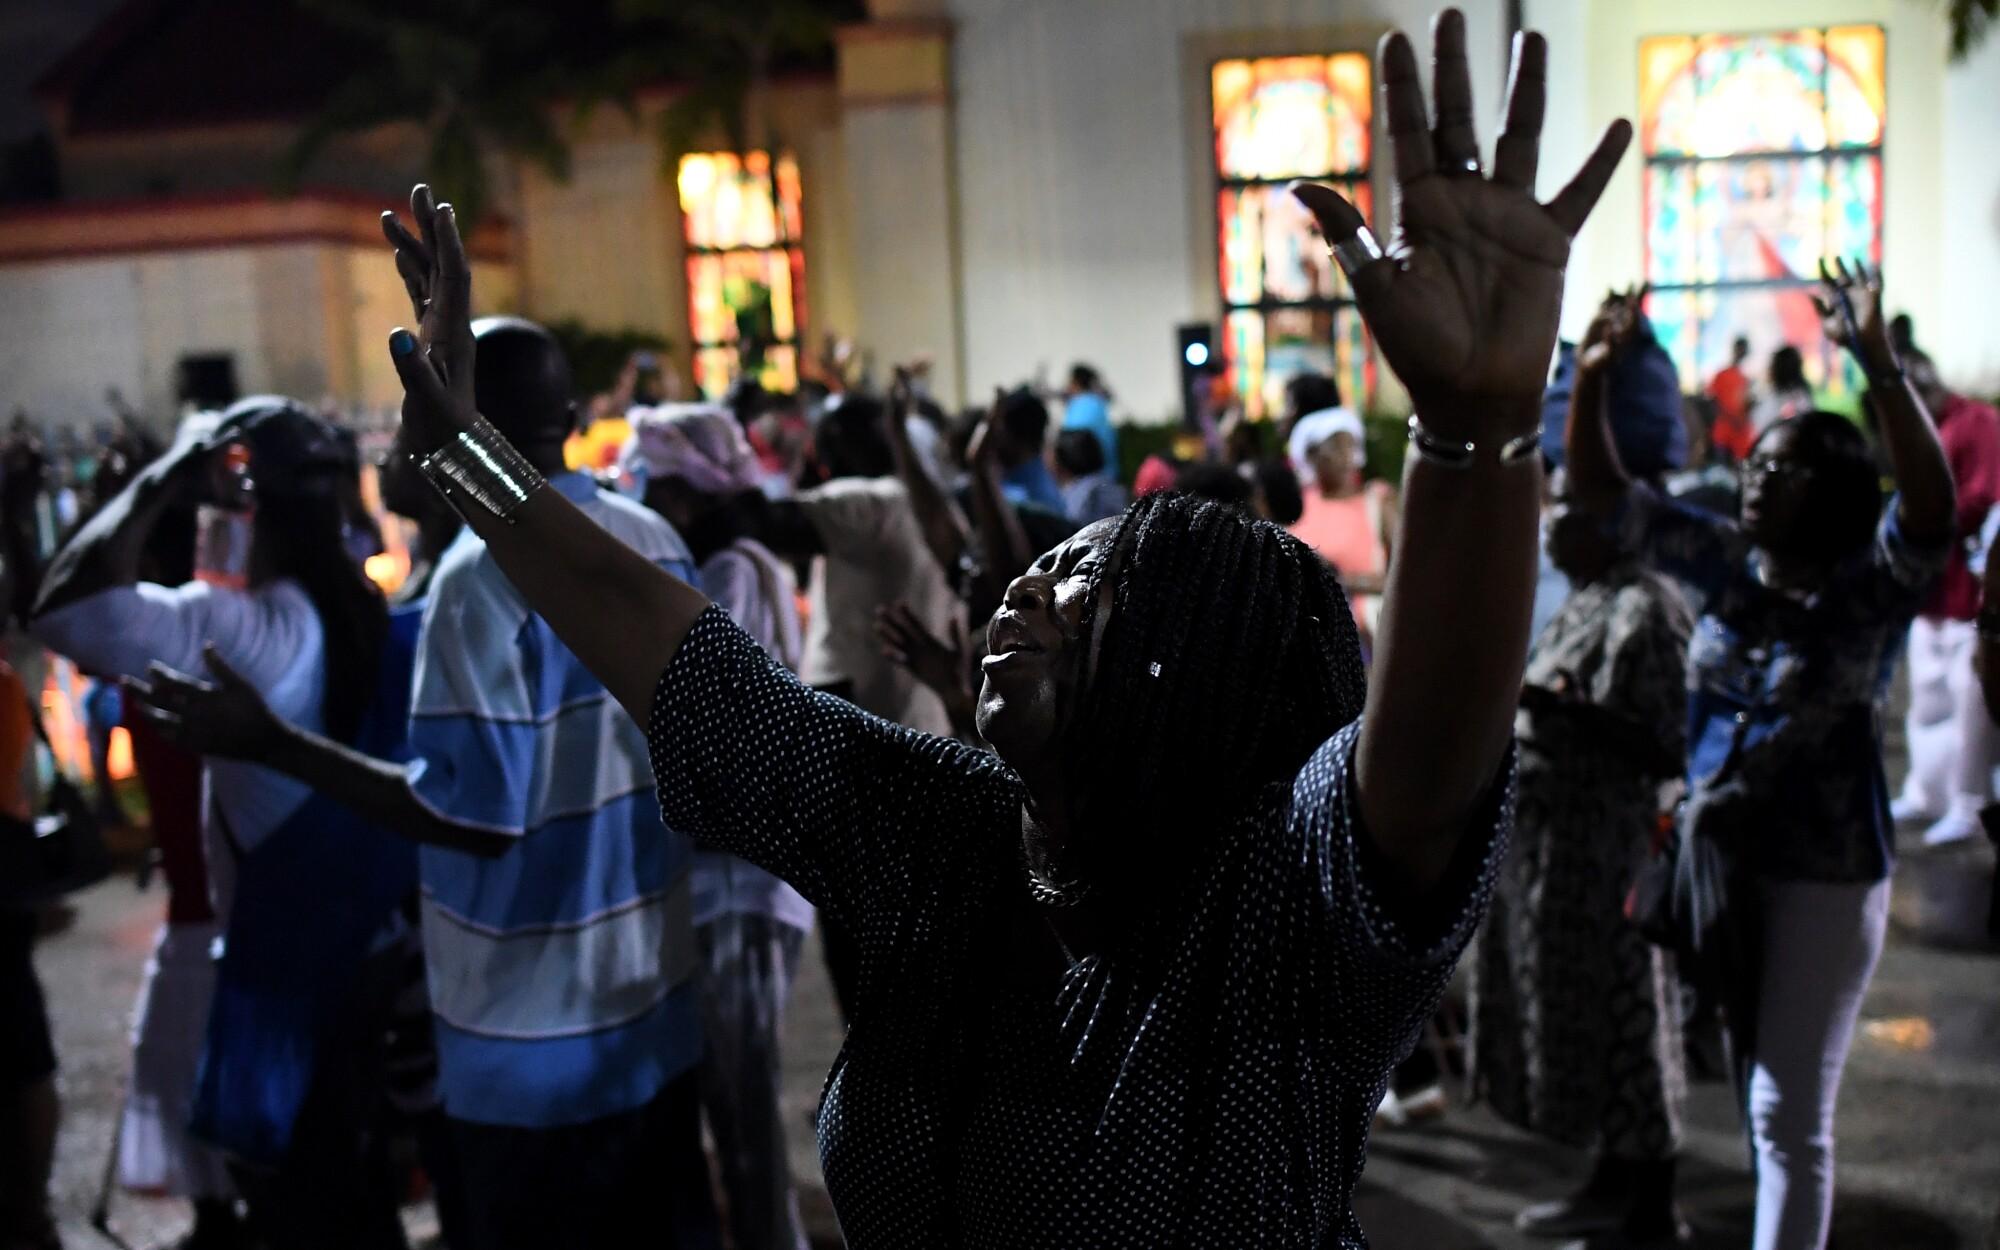 Como Es Vivir En Haiti haitians came to u.s. after the earthquake. trump wants them